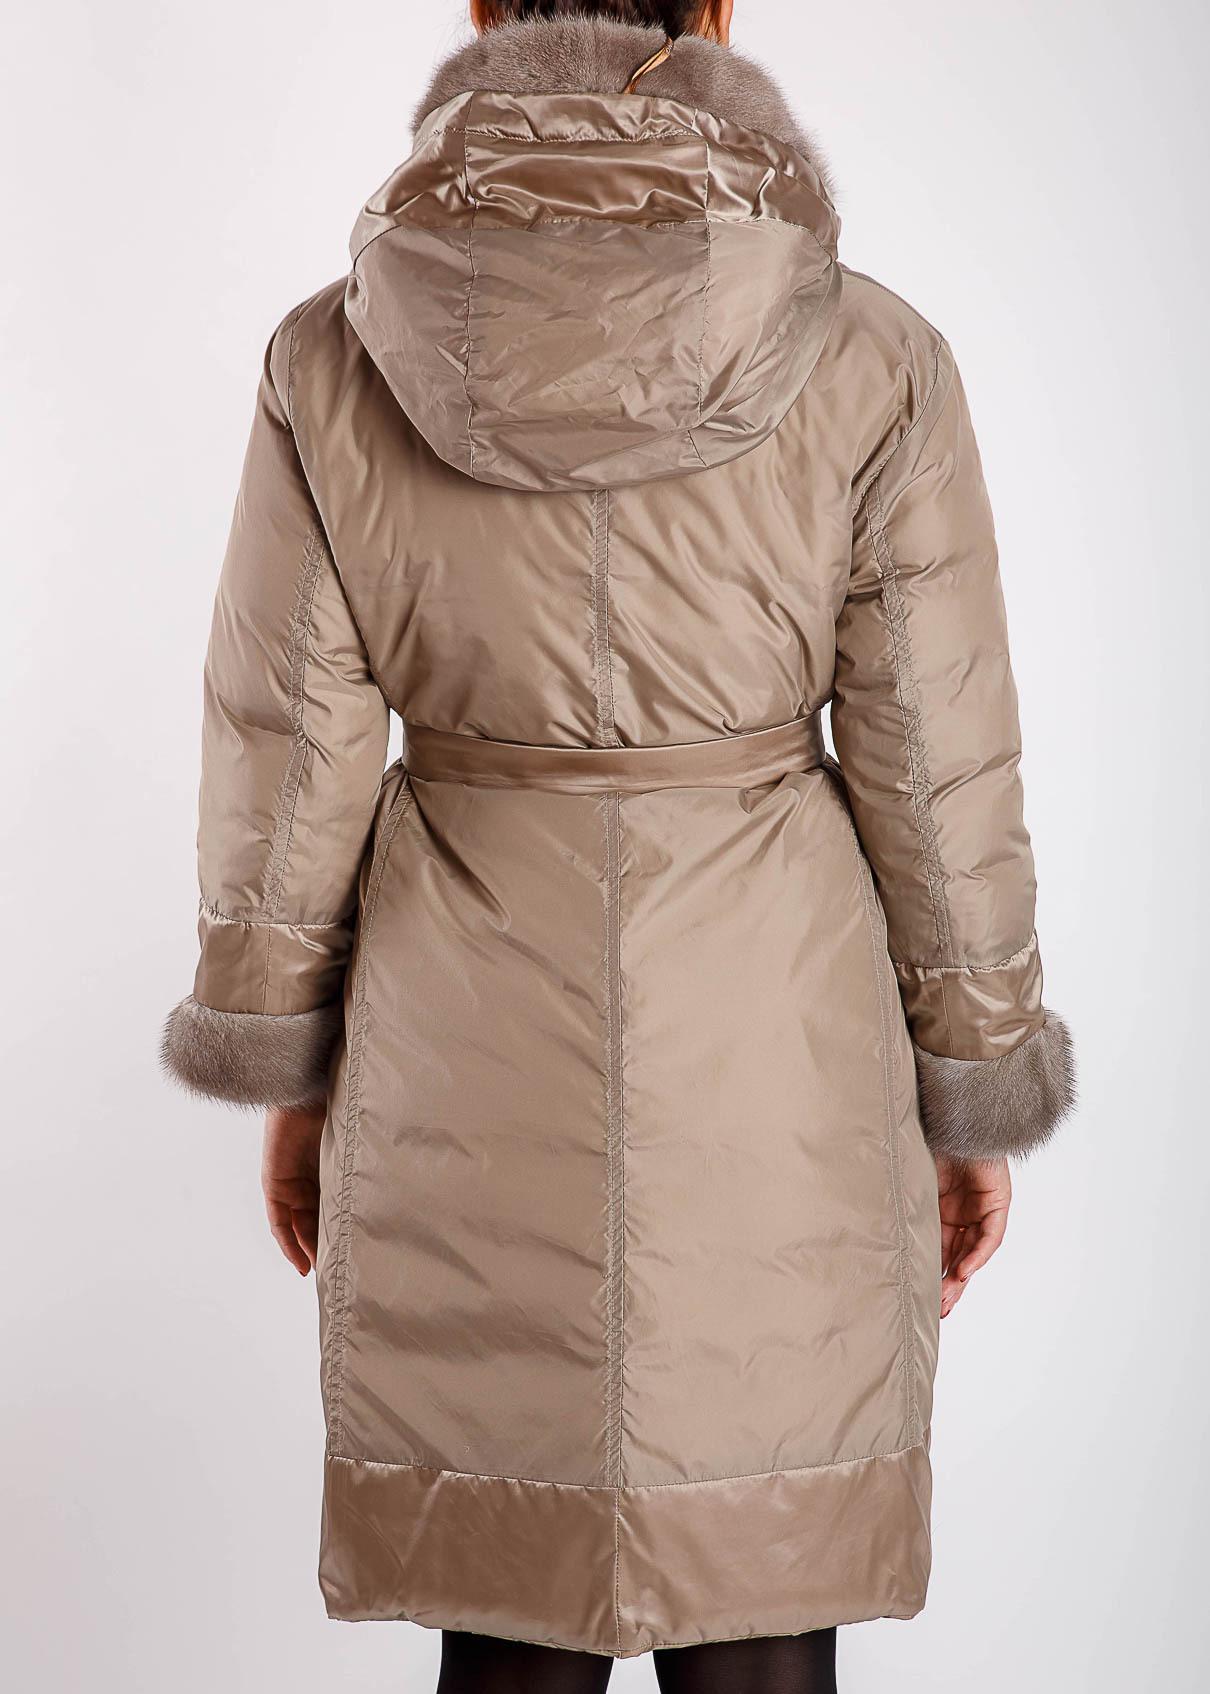 Италия одежда женская в москве купить